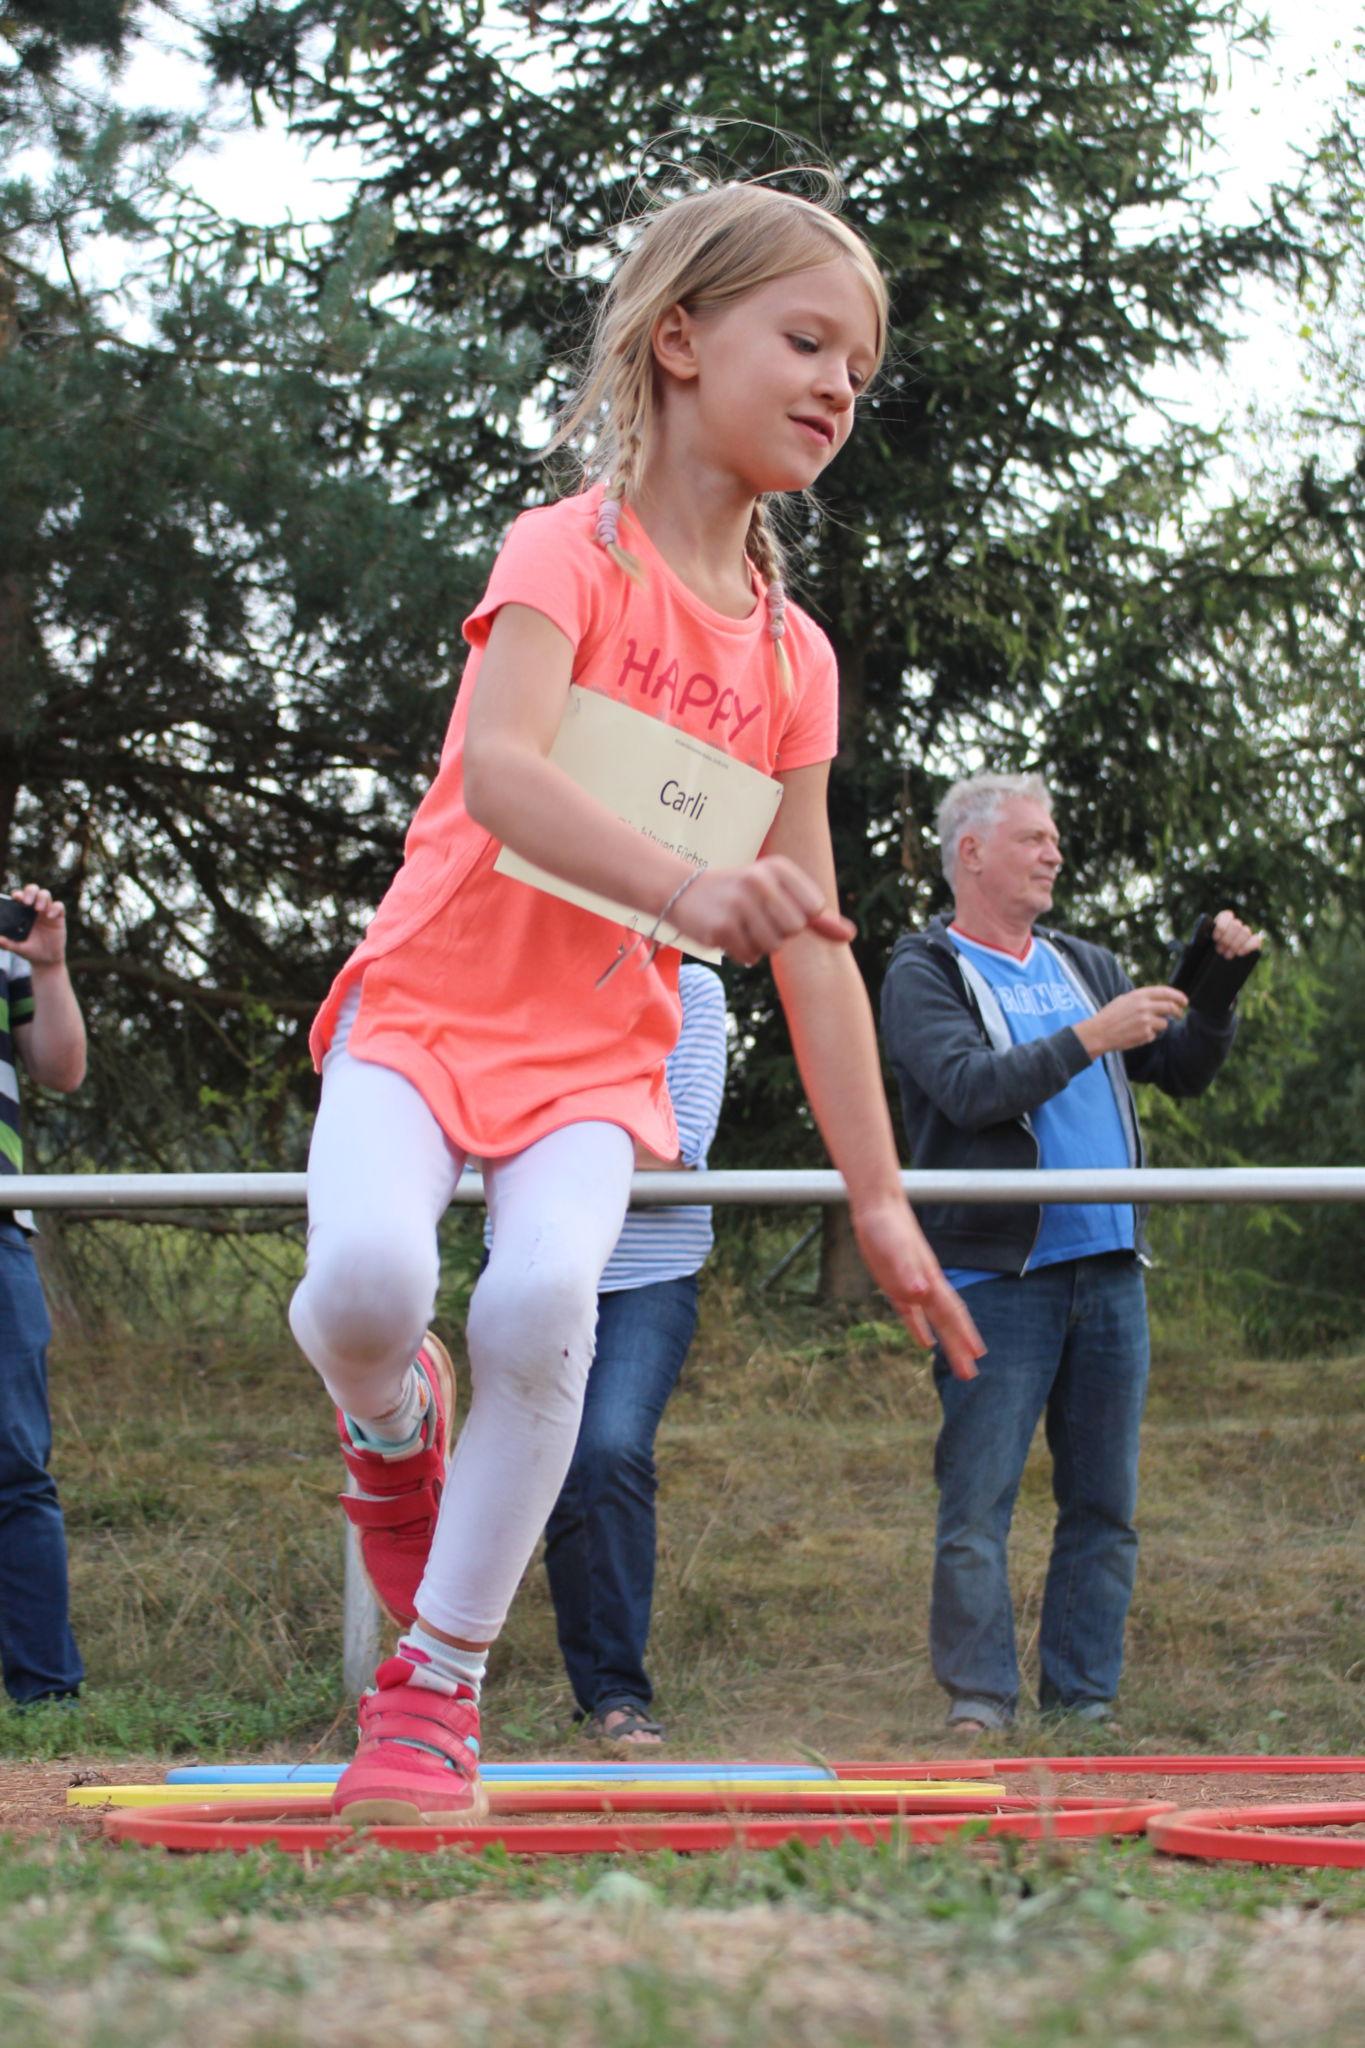 Mädchen springt mit einem Bein in Reifen.